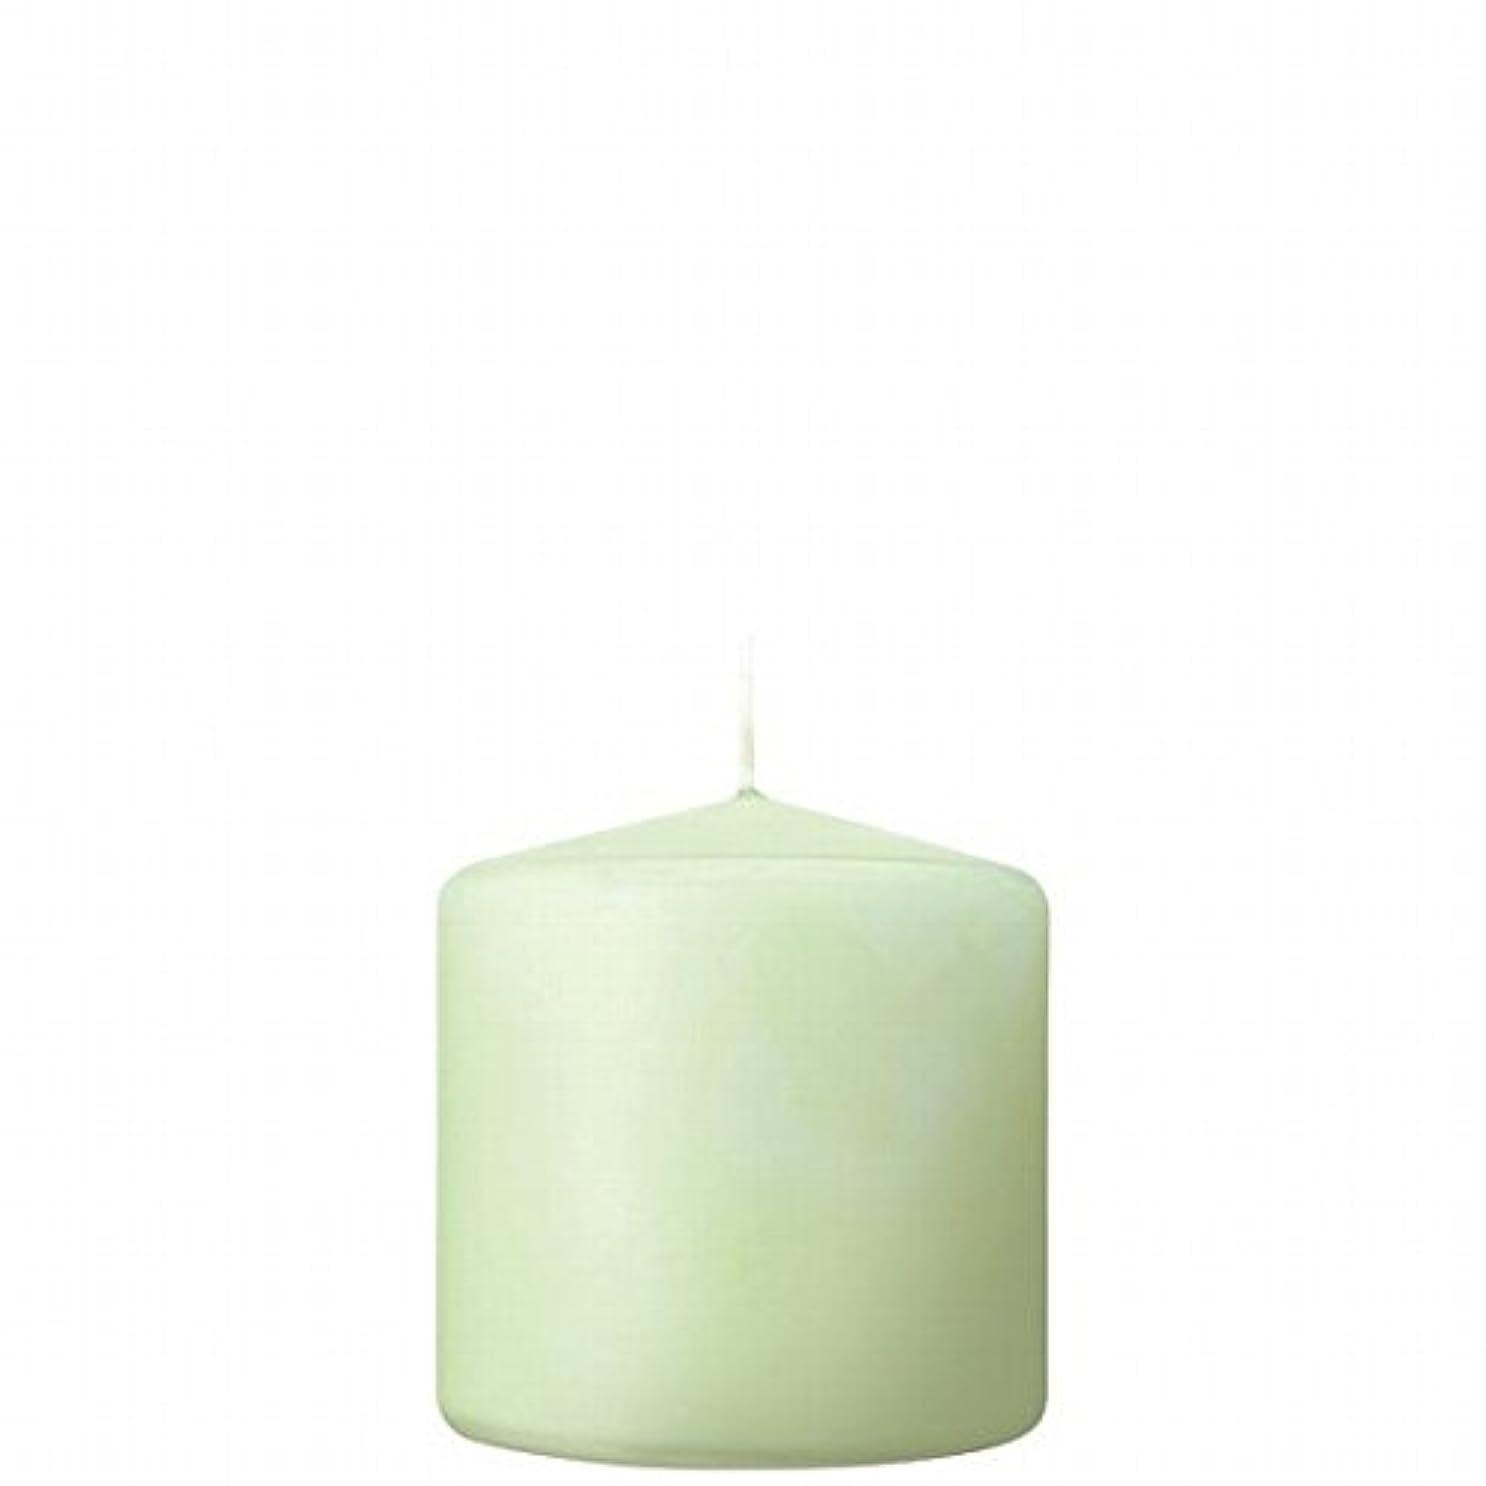 意見妖精錆びカメヤマキャンドル( kameyama candle ) 3×3ベルトップピラーキャンドル 「 ホワイトグリーン 」